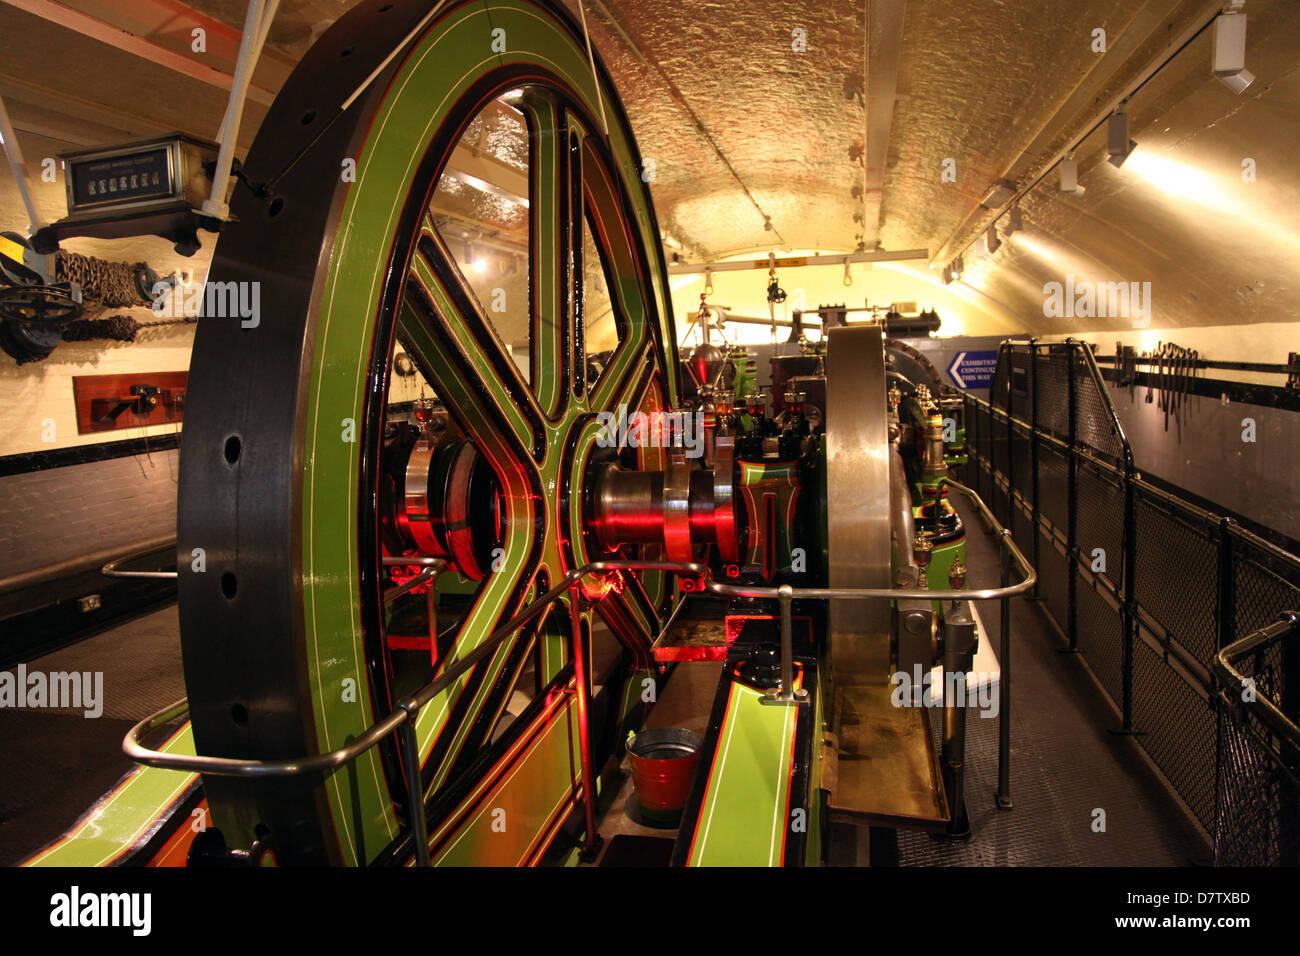 Motoren für das Heben von Getriebe, Tower Bridge, London, England, Vereinigtes Königreich Stockbild